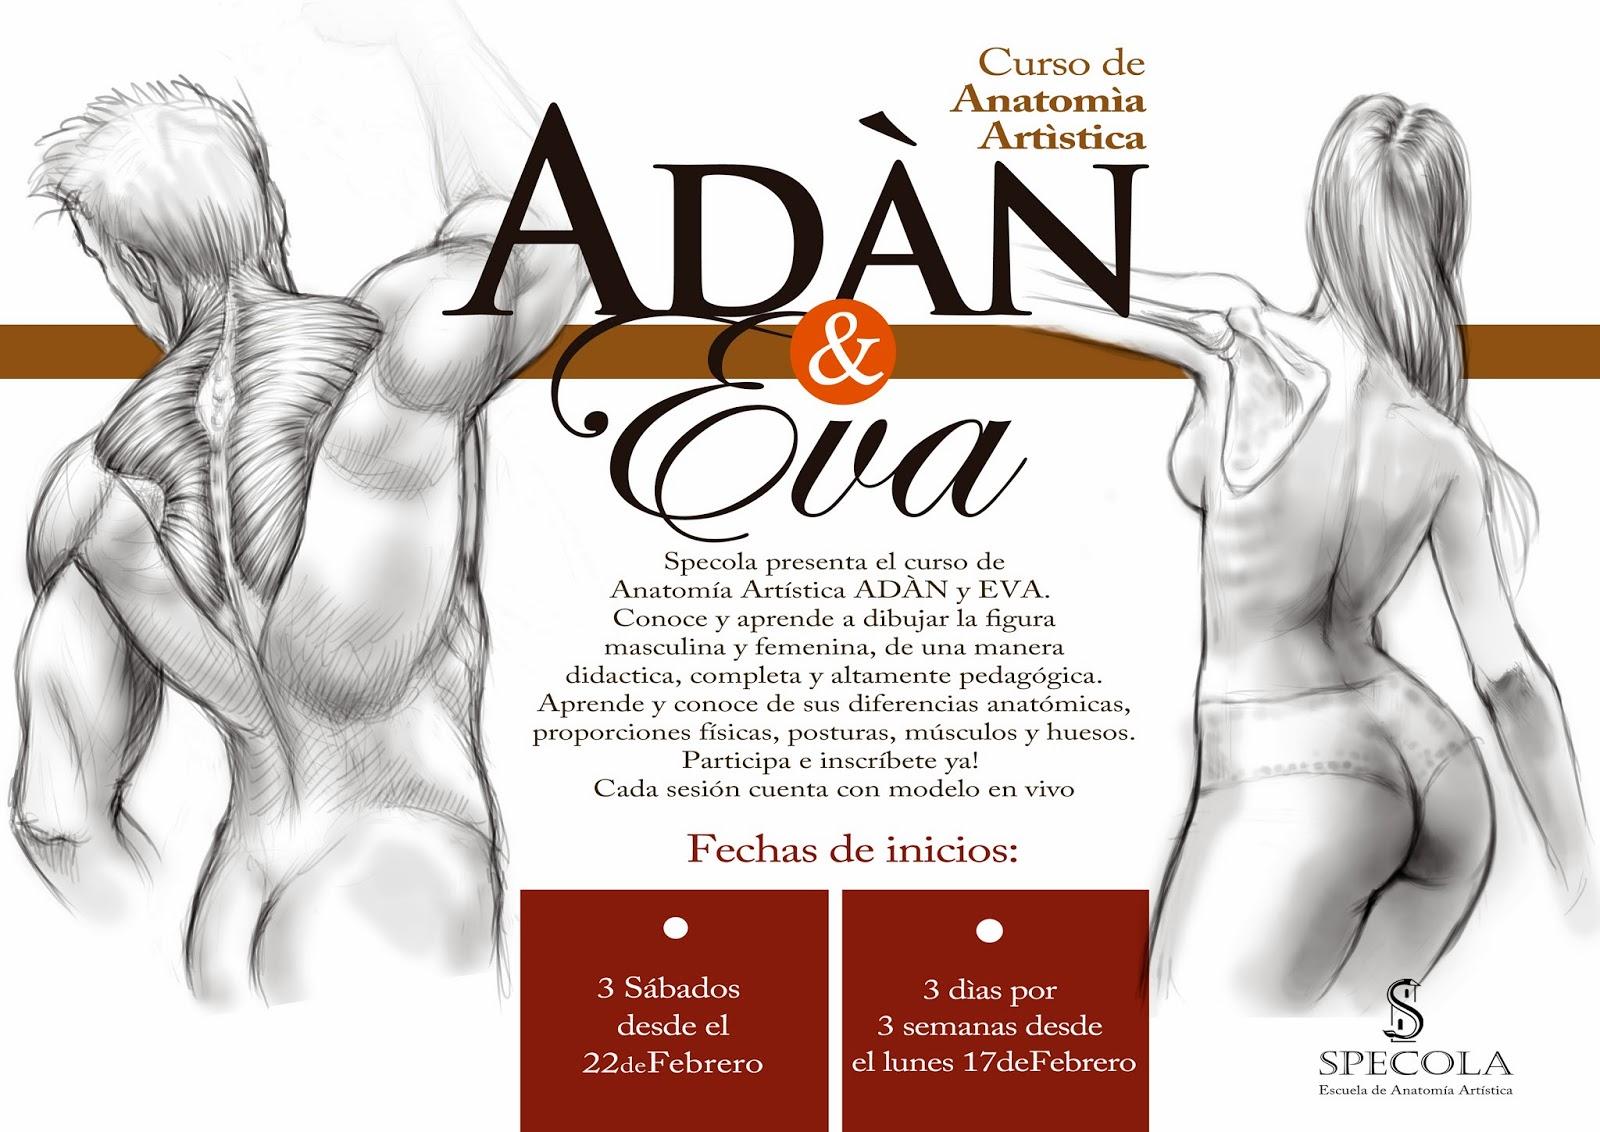 Encantador Dentro De La Anatomía Femenina Elaboración - Anatomía de ...